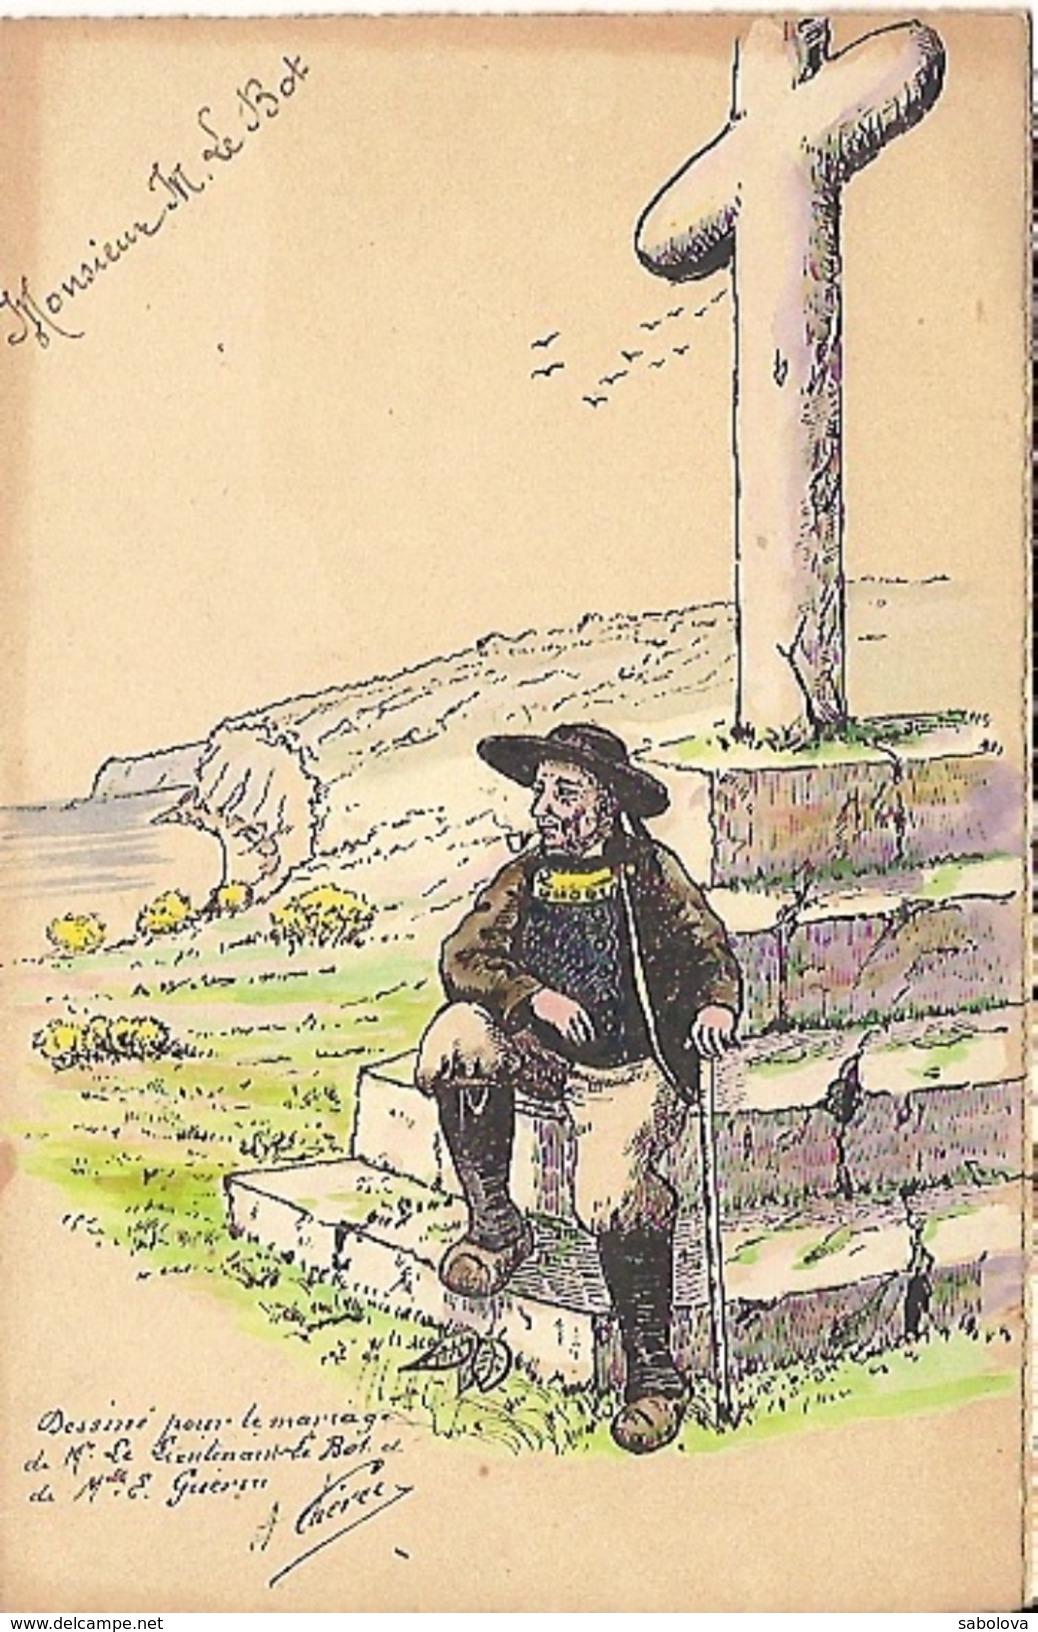 Menu Breton Aquarelle à La Main 21 Mai 1924 Lieutenant Le Bot Elle Guérin . Dessin : Breton Et Calvaire - Menus